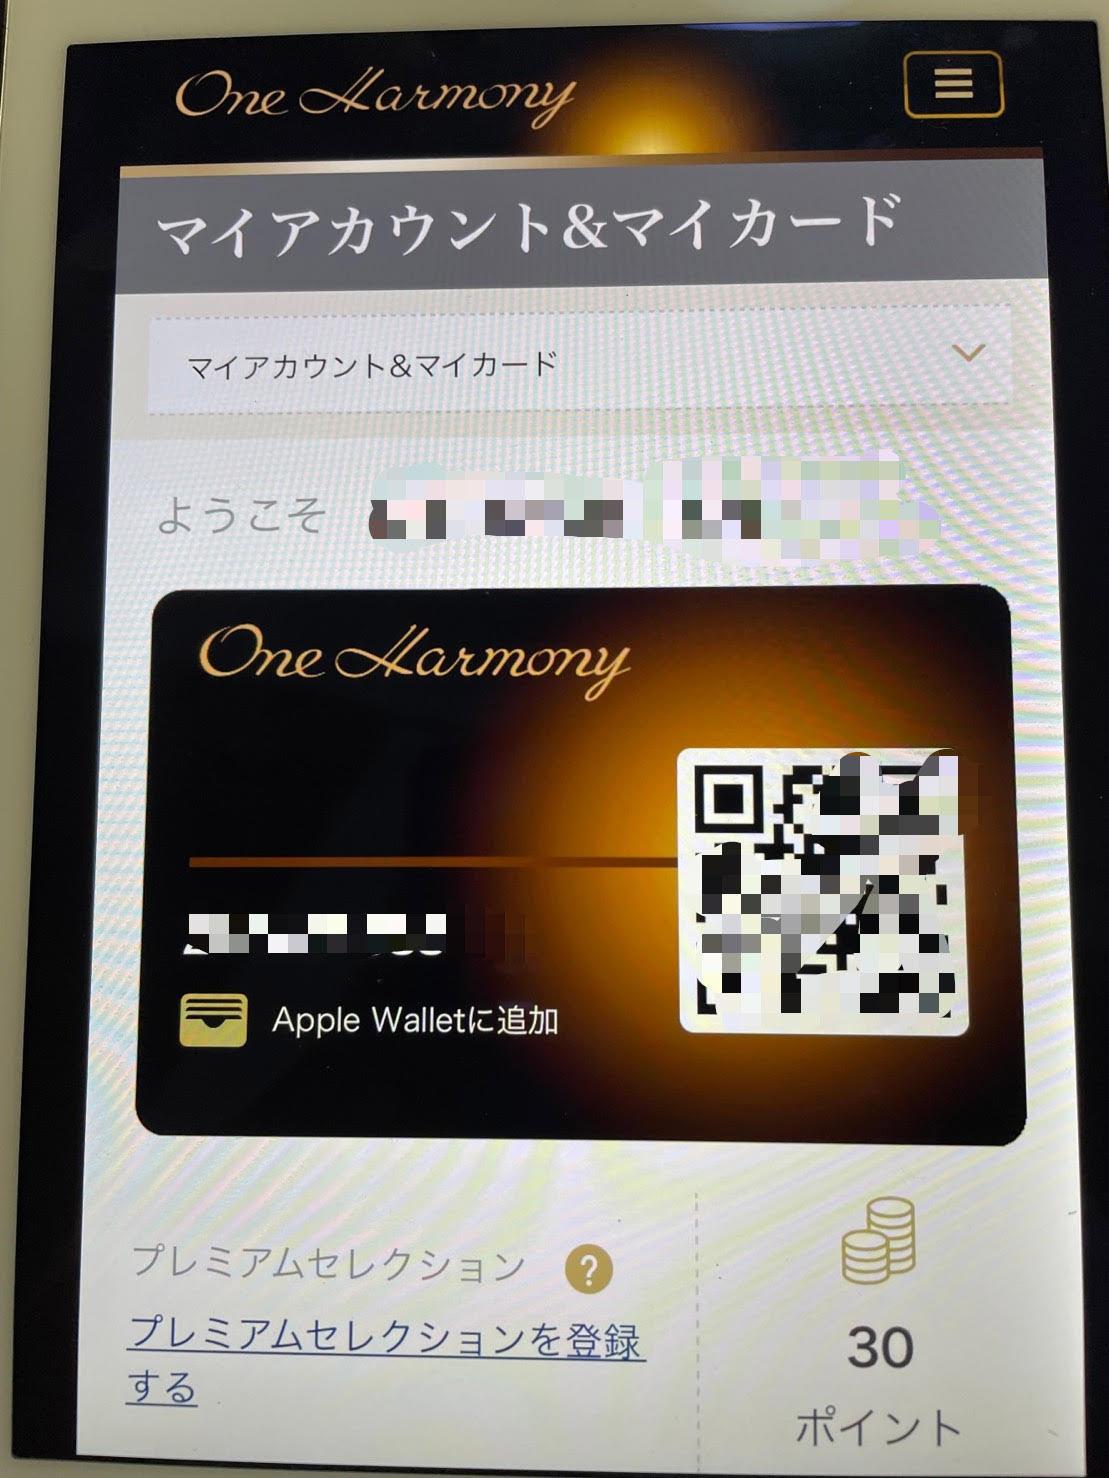 One Harmony会員カードの写真